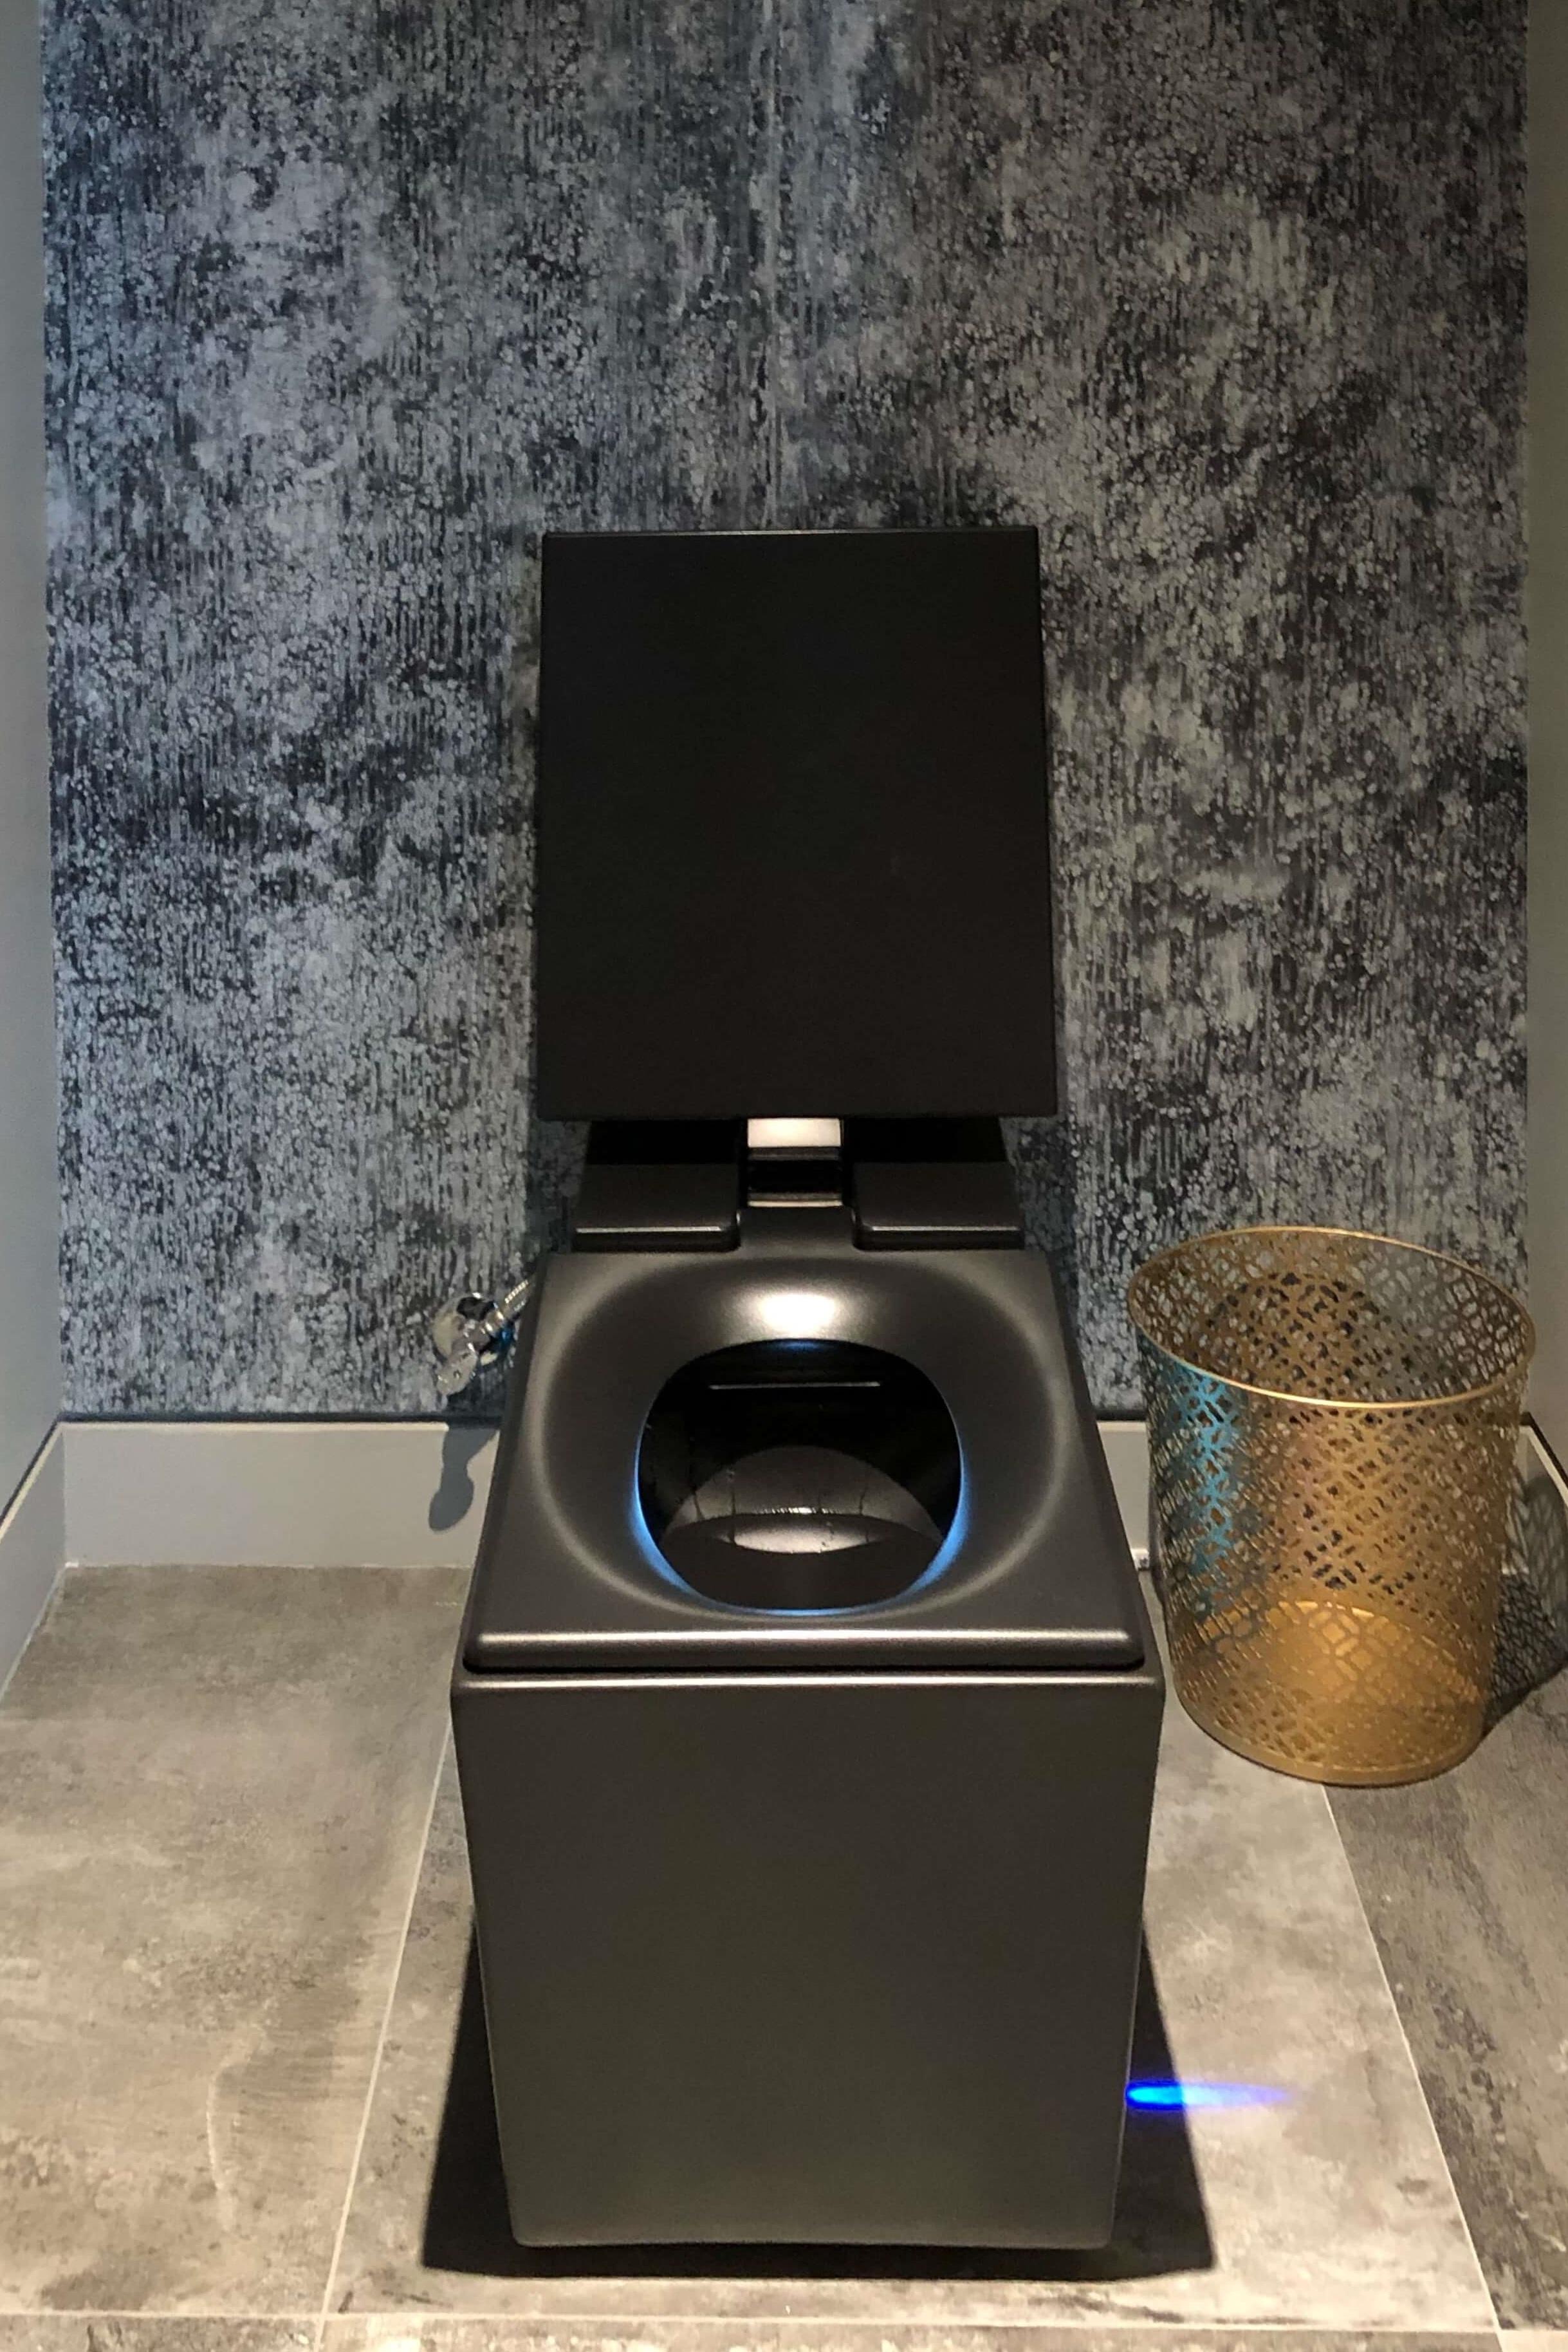 Master bath black square toilet in The New American Remodel 2019. #masterbathroom #hometour #contemporaryhome